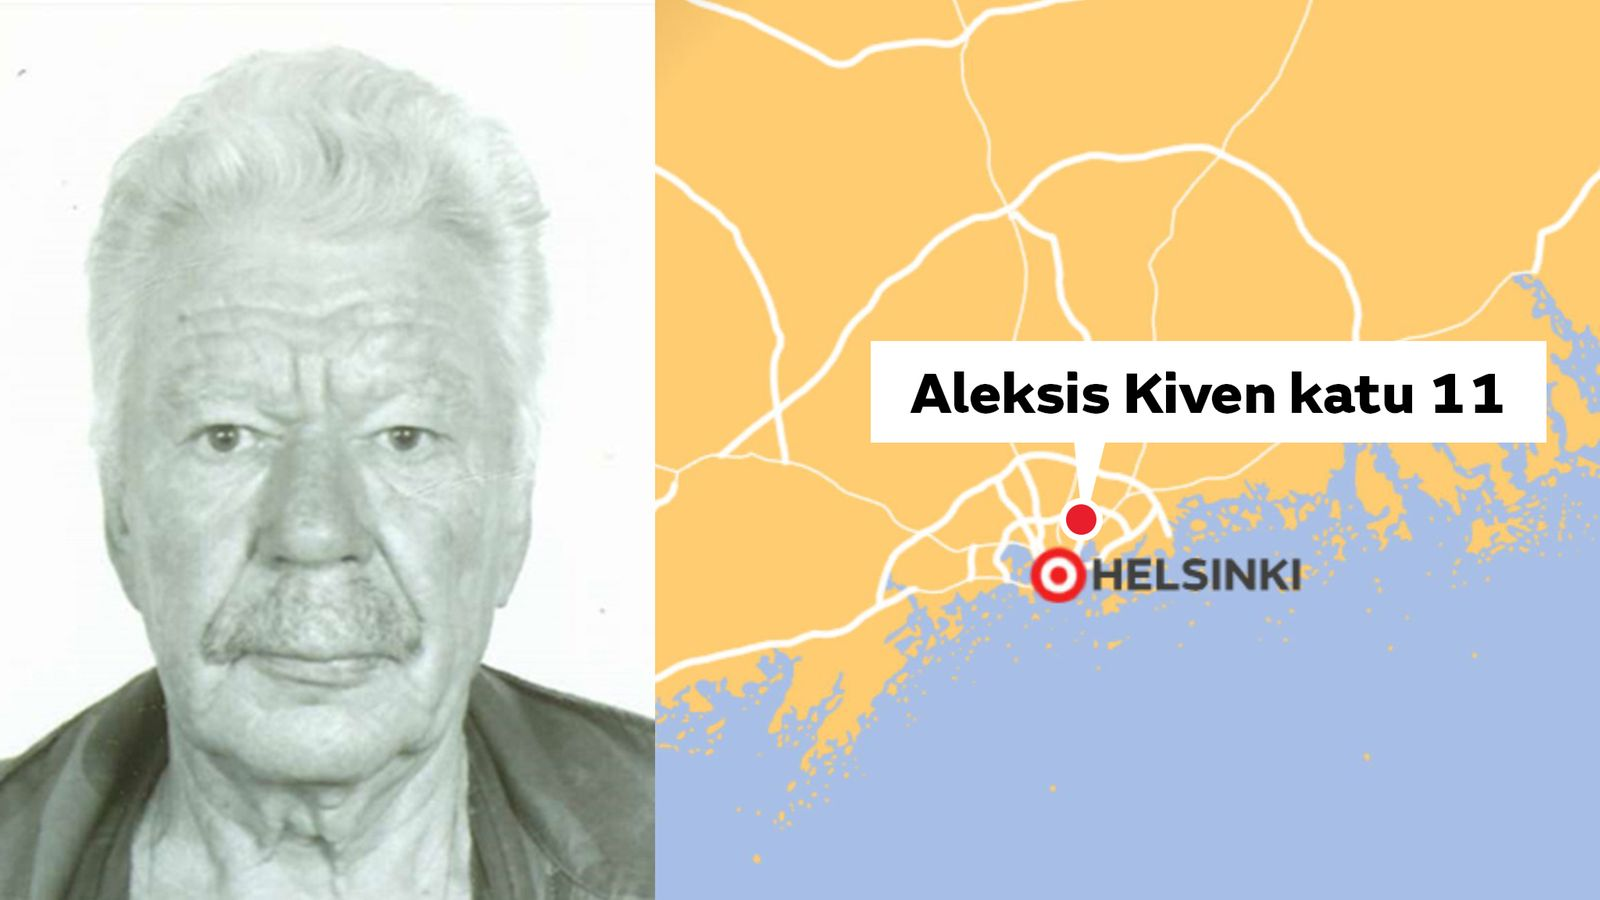 aleksis kiven katu prostituutio suomi uutiset